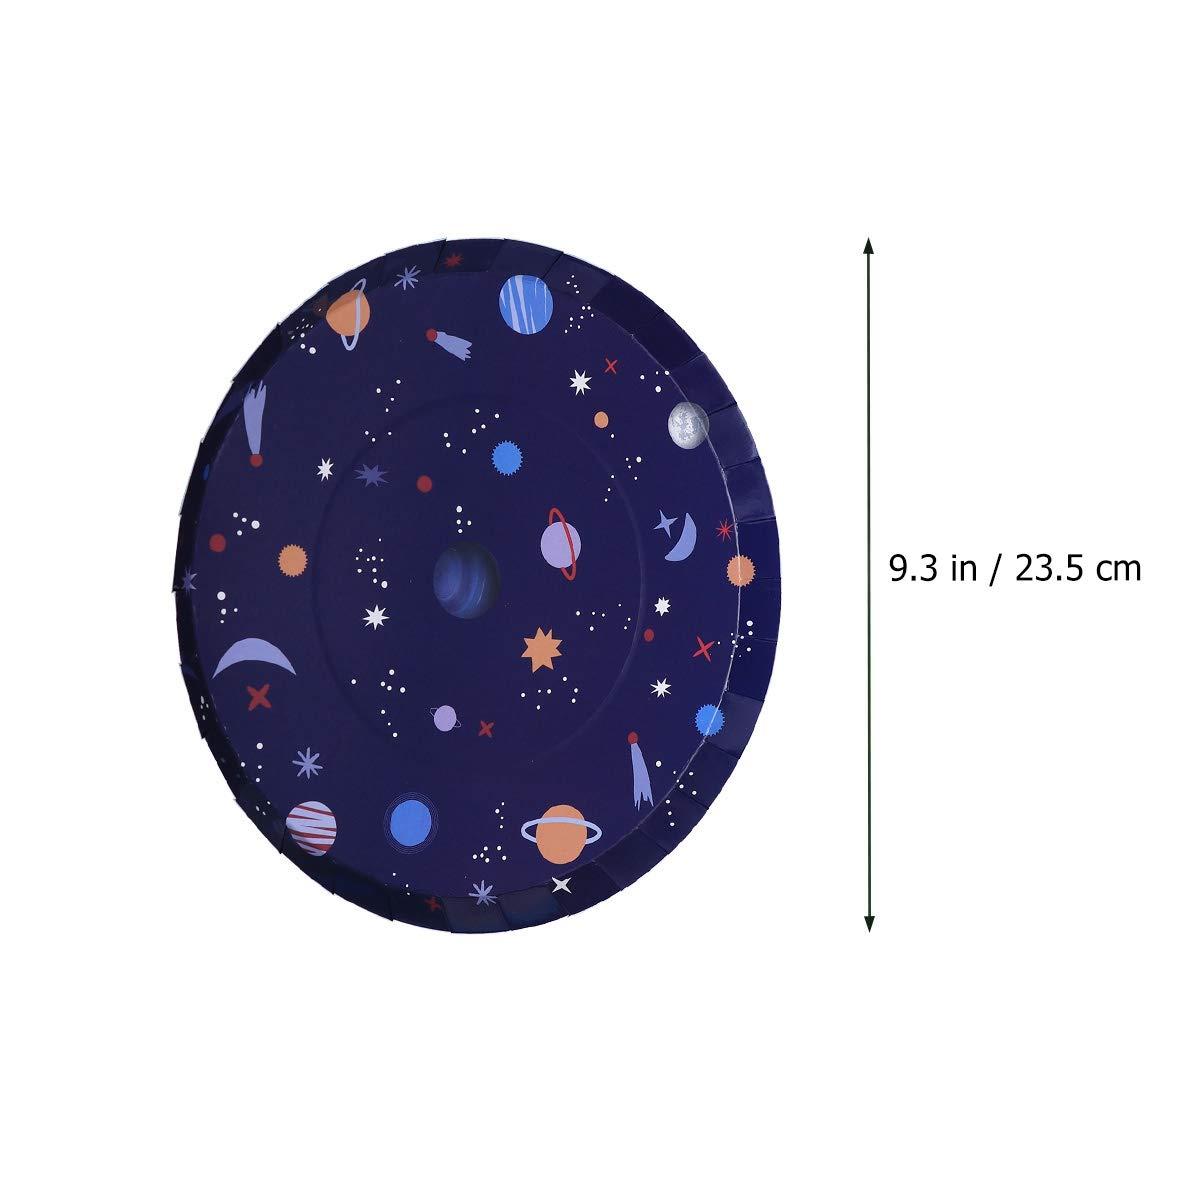 Amosfun Platos de Papel Desechables Taza Espacio Astronauta Espacio Tema Fiesta vajilla para Boda Fiesta de cumplea/ños 24 Piezas